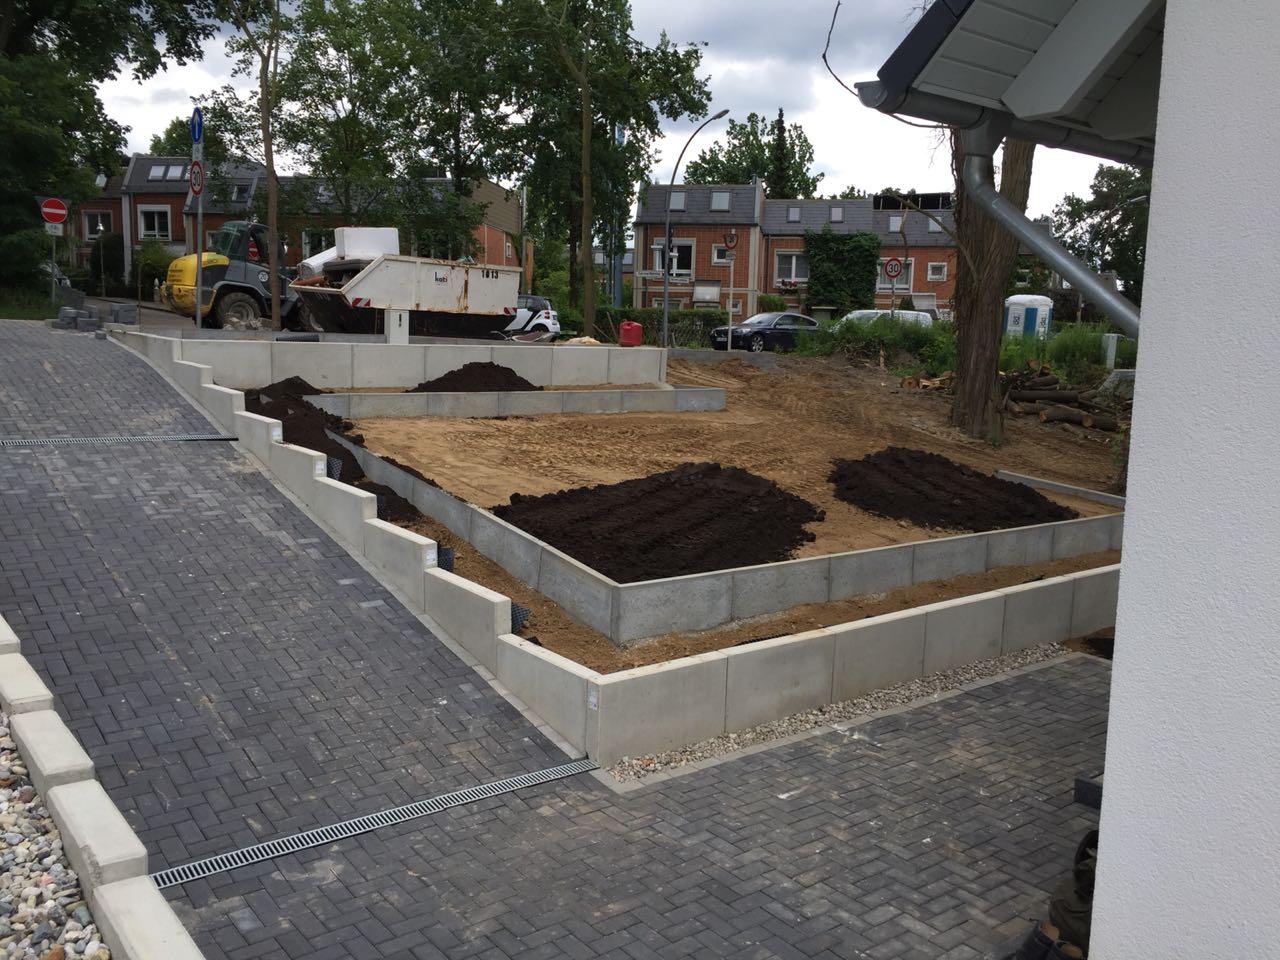 Gartenbau Landschaftsbau Projekte Galerie Fabian Zottmann Gartenbau